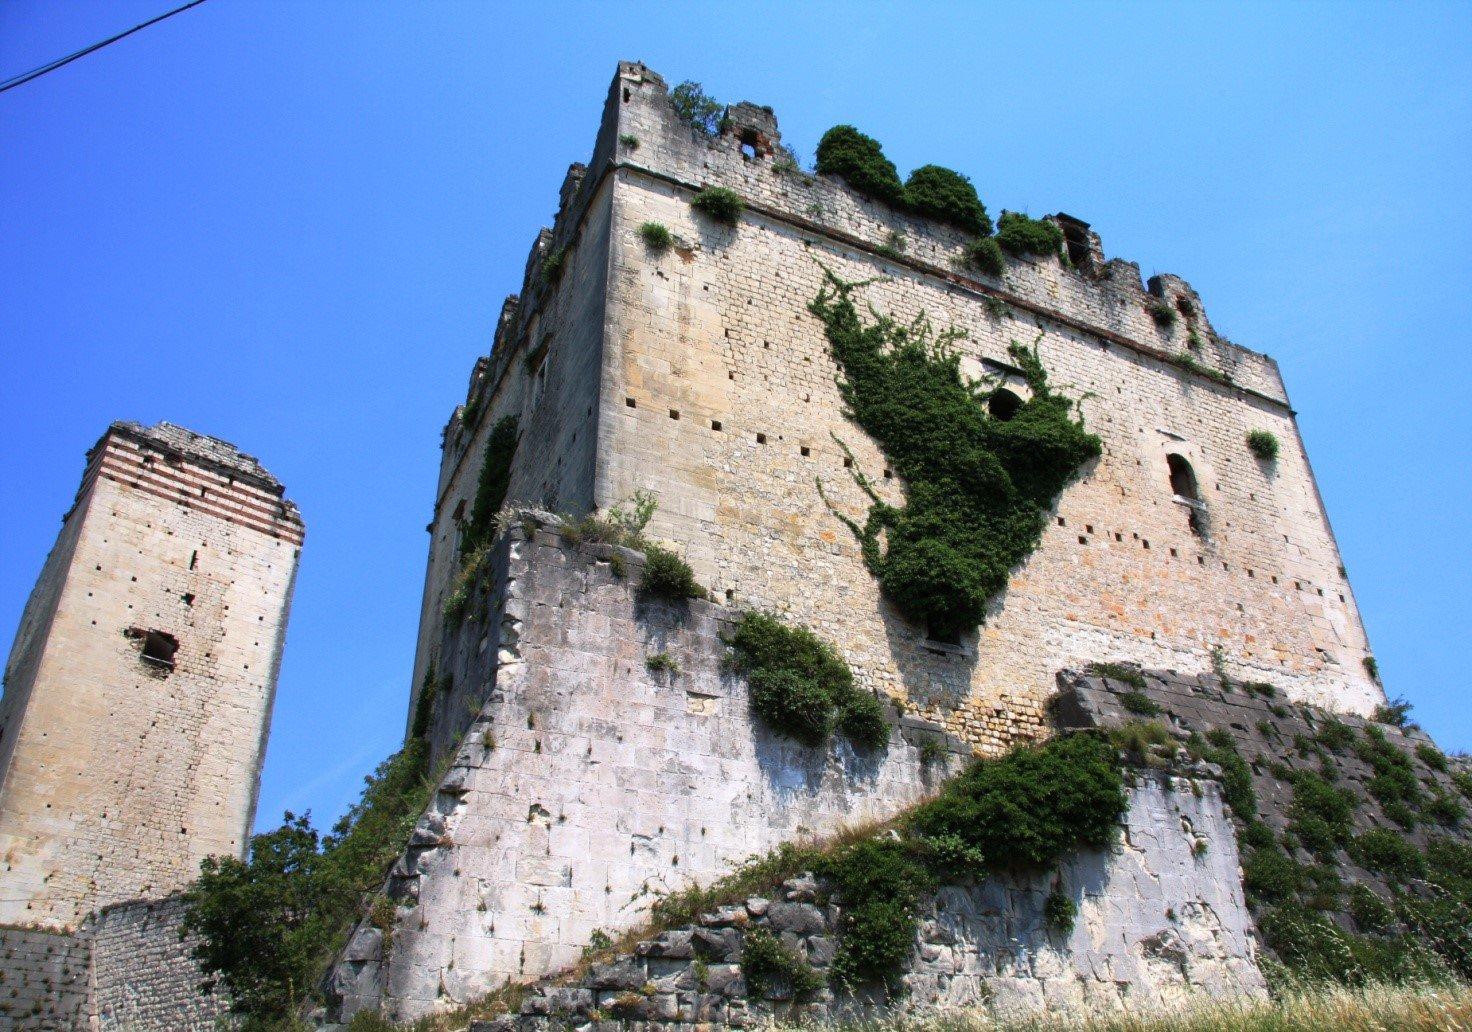 Safari culturale a caccia di castelli e ville venete_4_proMuovendo